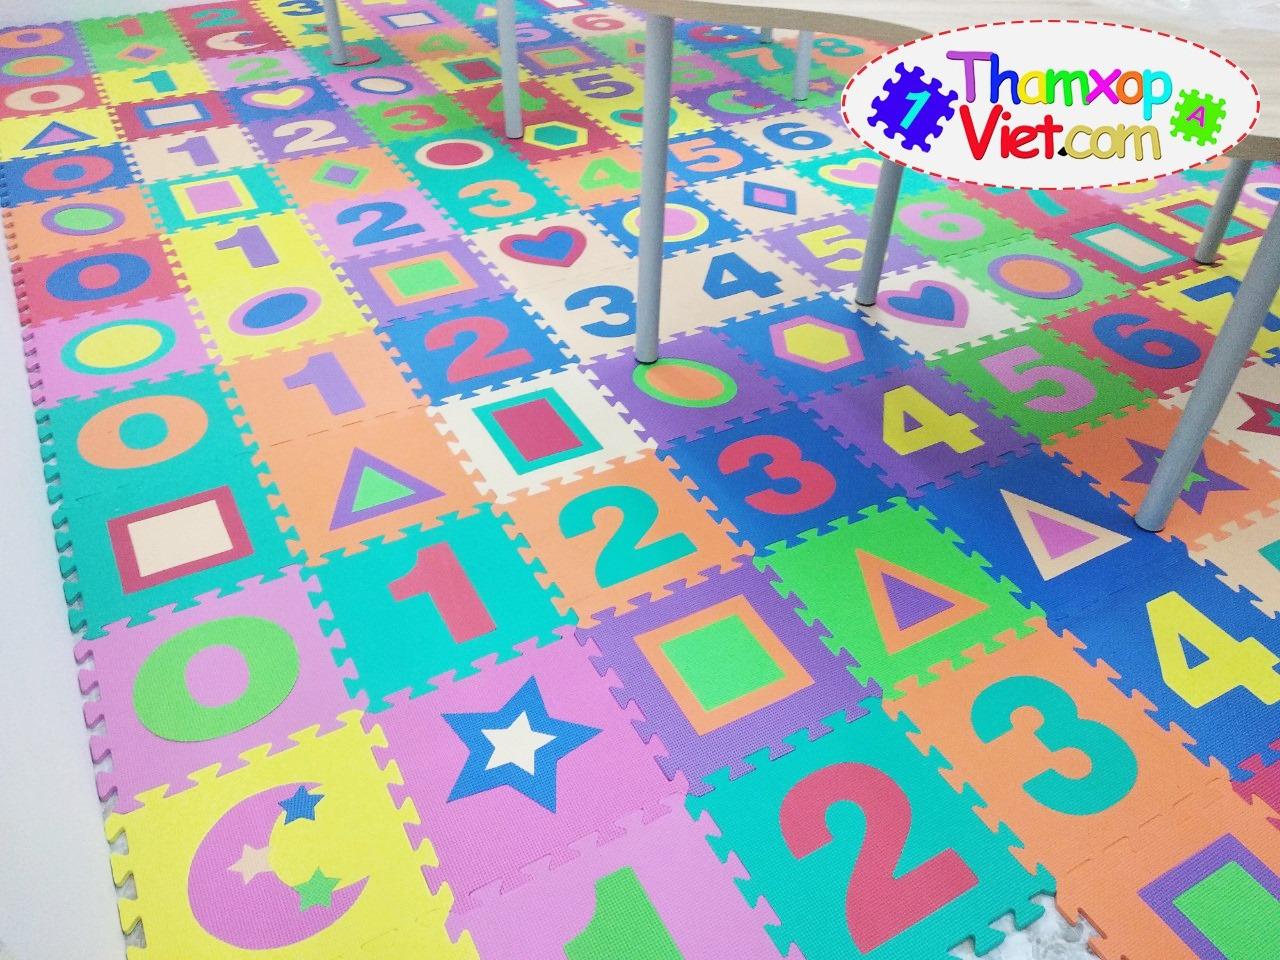 Thảm ghép cho bé hình chữ số nhiều màu sắc